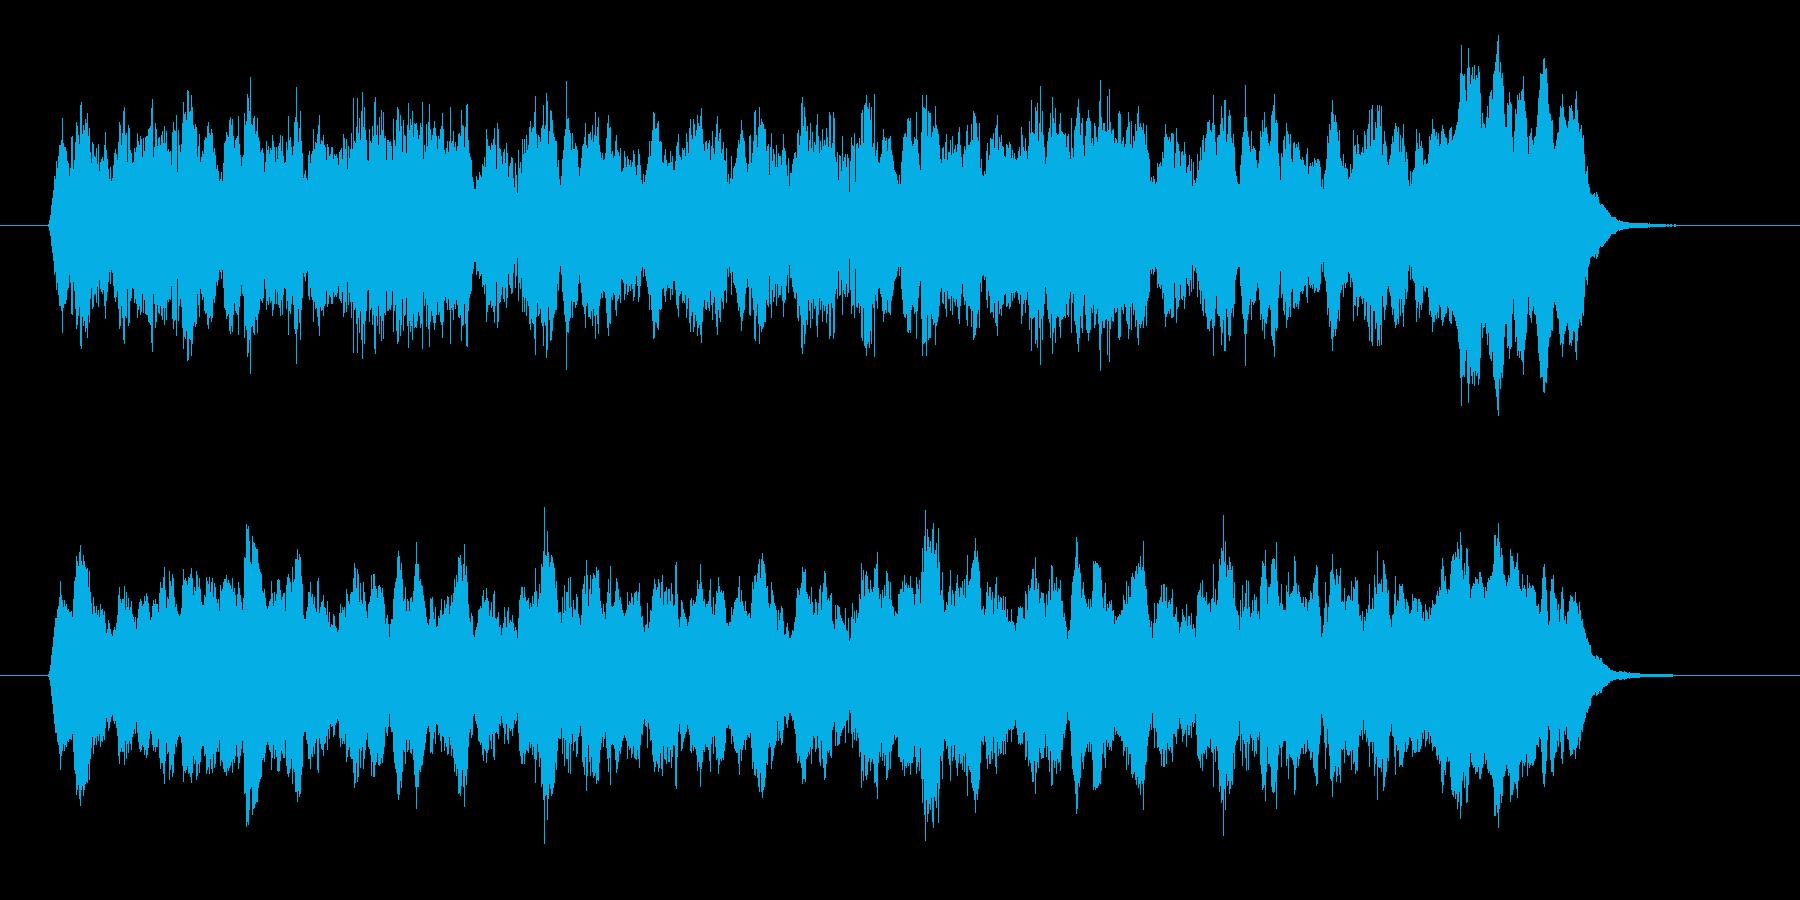 スピード感のあるストリングスのジングルの再生済みの波形